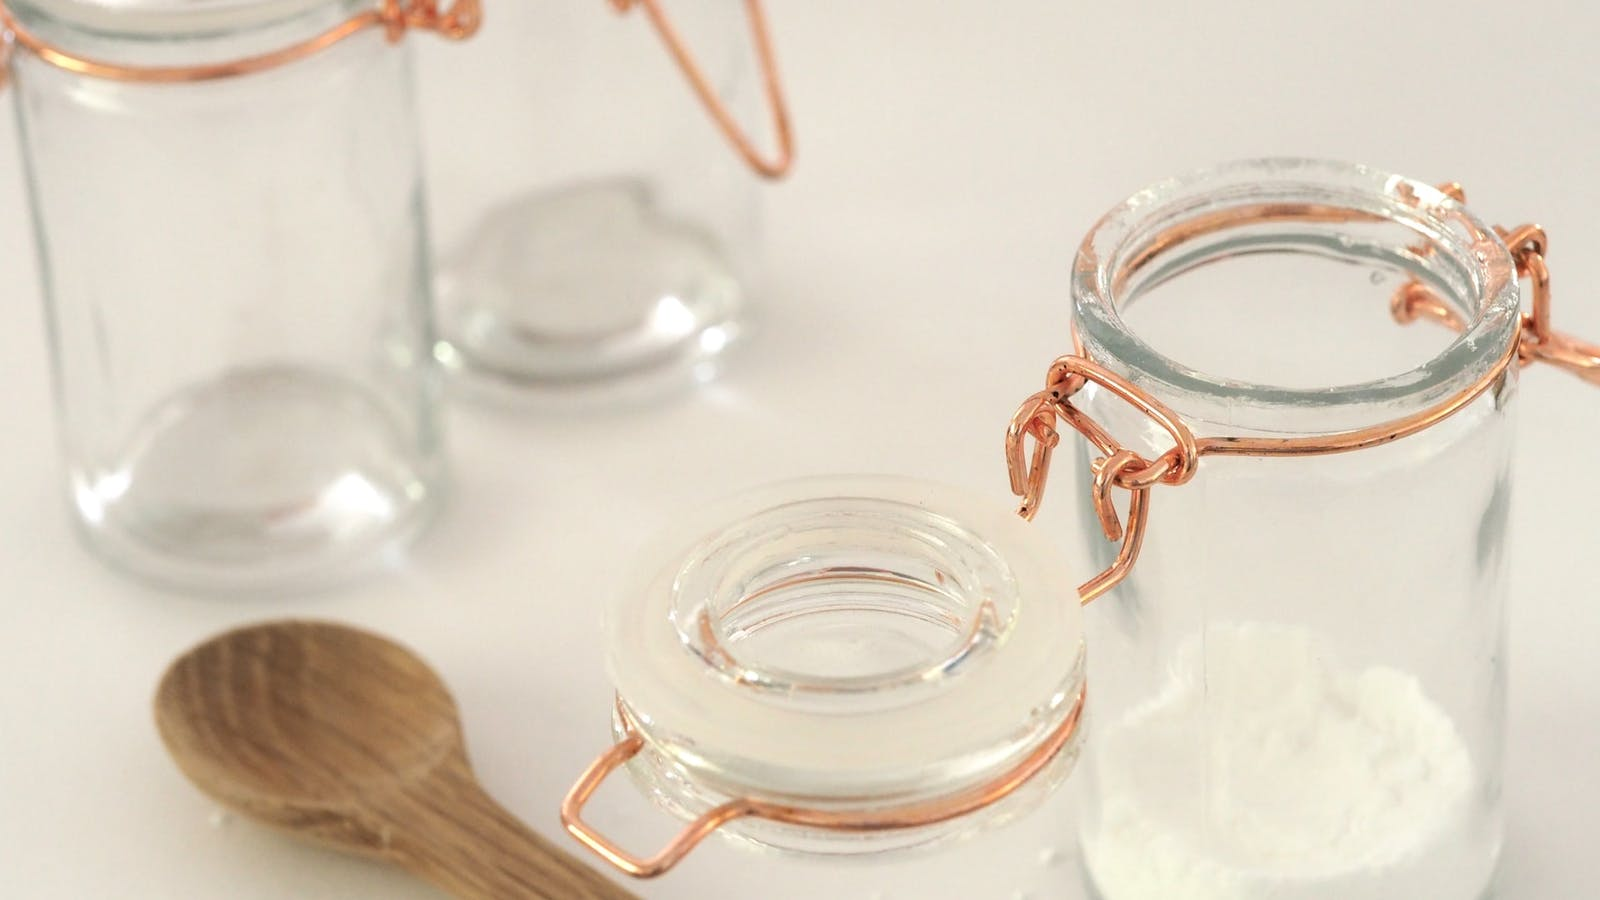 Deux pots en verre contenant du sucre